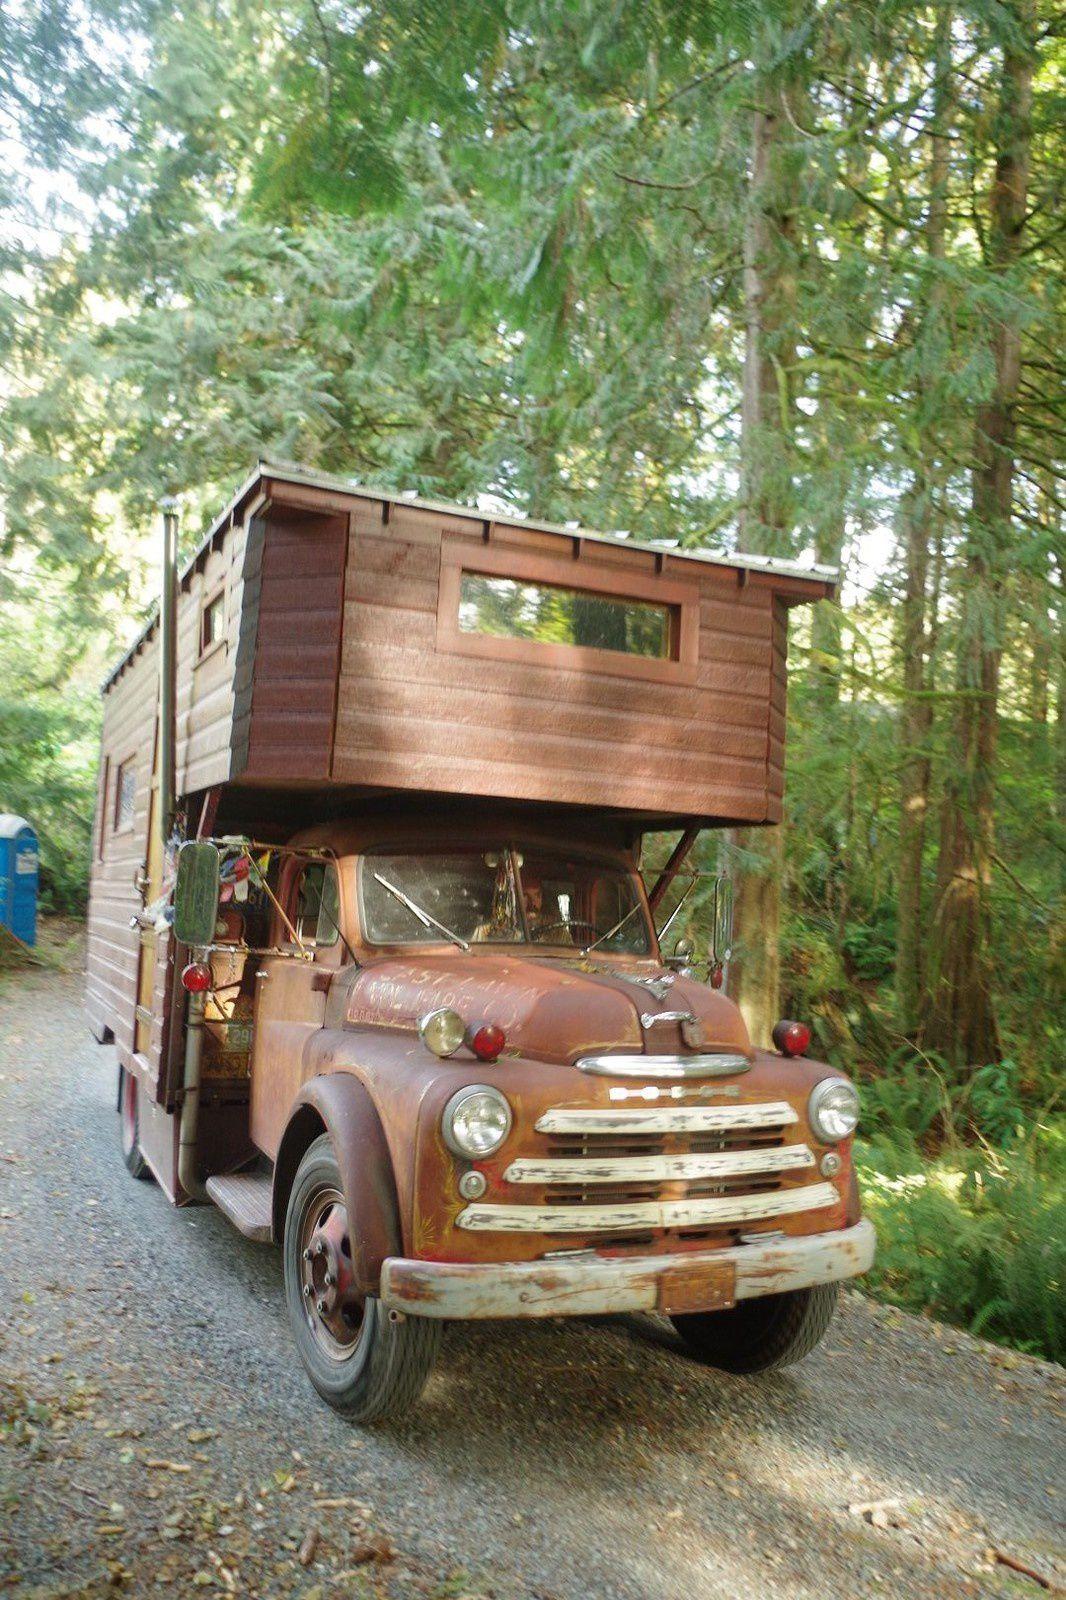 Dodge 1949 fire truck